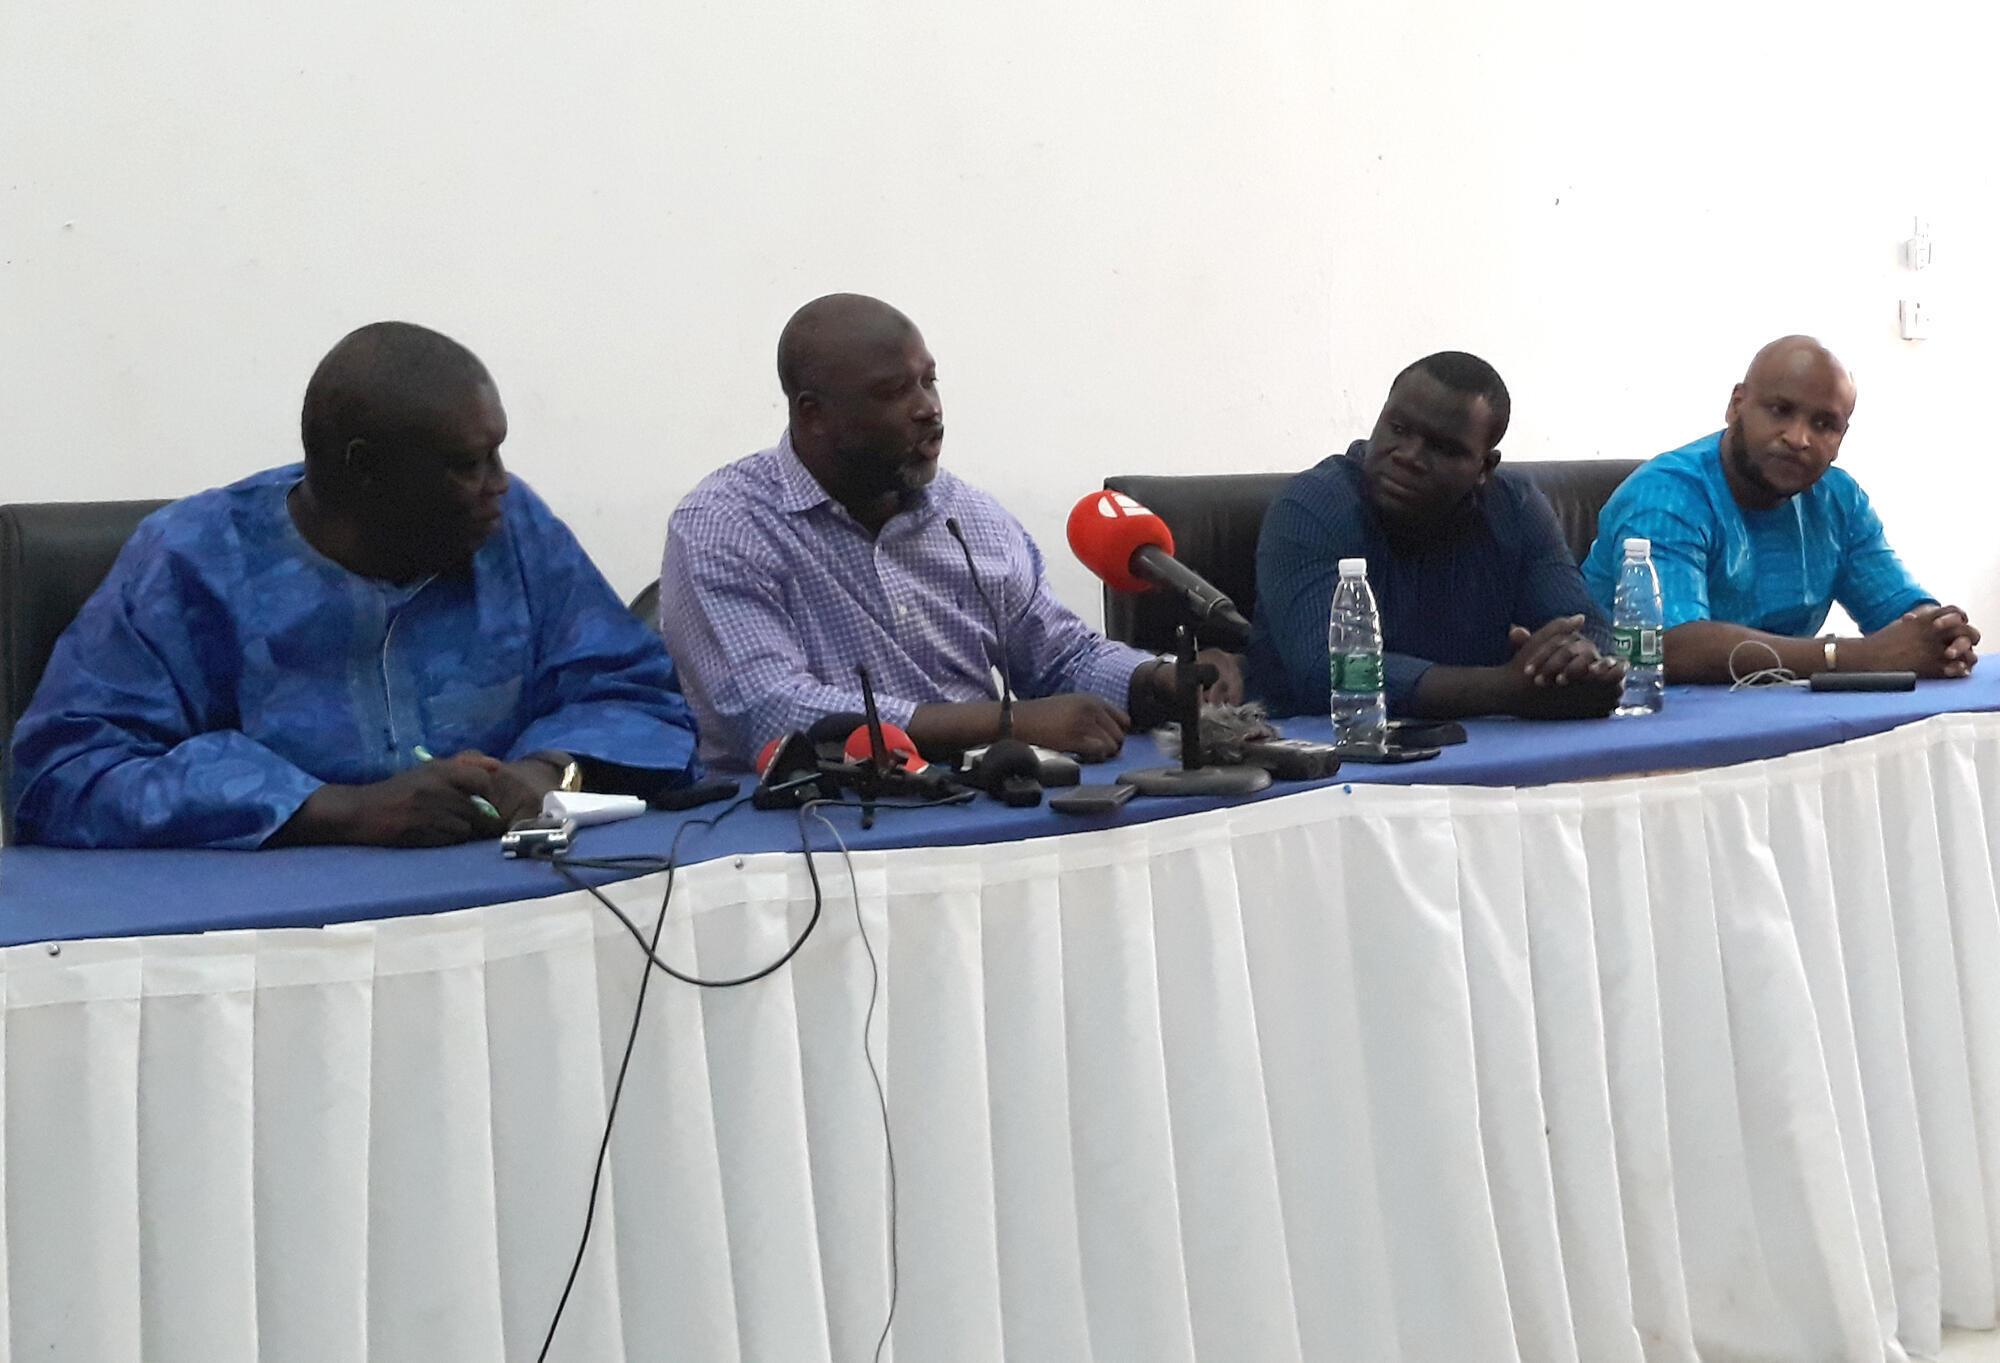 De gauche à droite: Pap Saine, cofondateur du journal «The Point», Abubacarr Tambadou, Sheriff Bojang, président du syndicat des journalistes, Baba Hydara, le 16 décembre à Banjul.